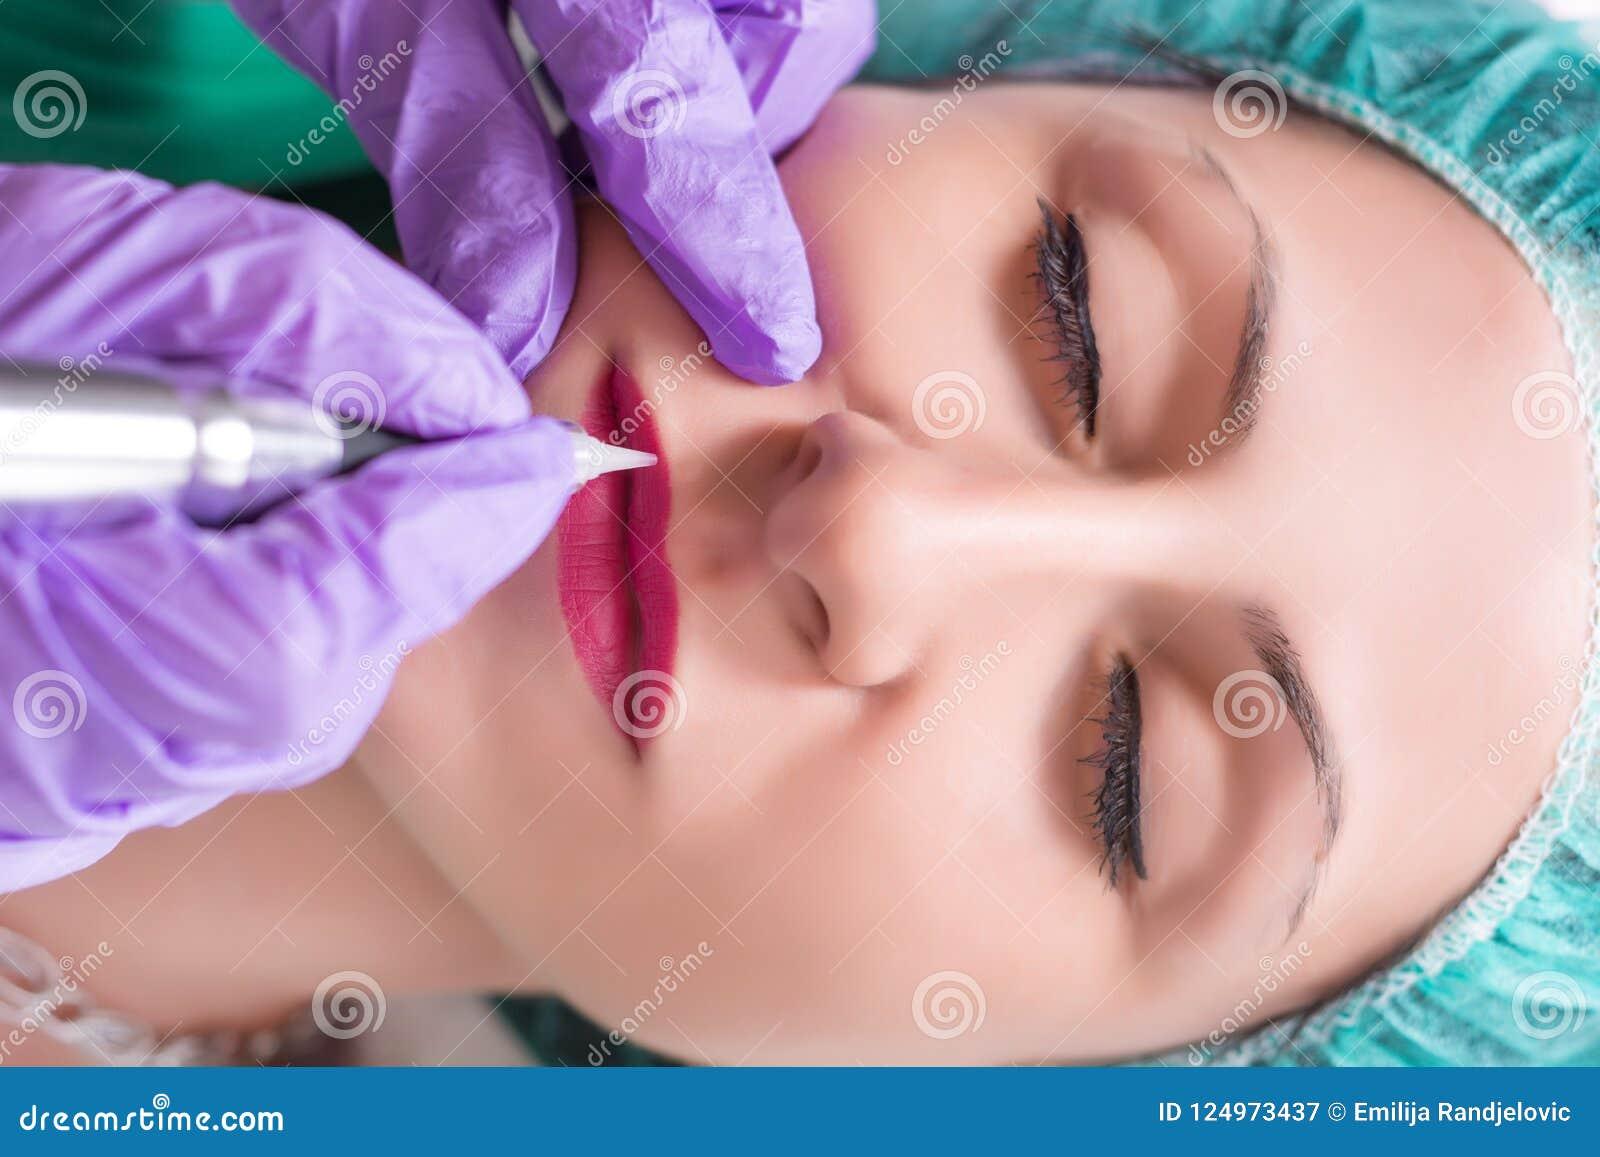 Профессионал прикладывает процедуру постоянного состава на губах женщины